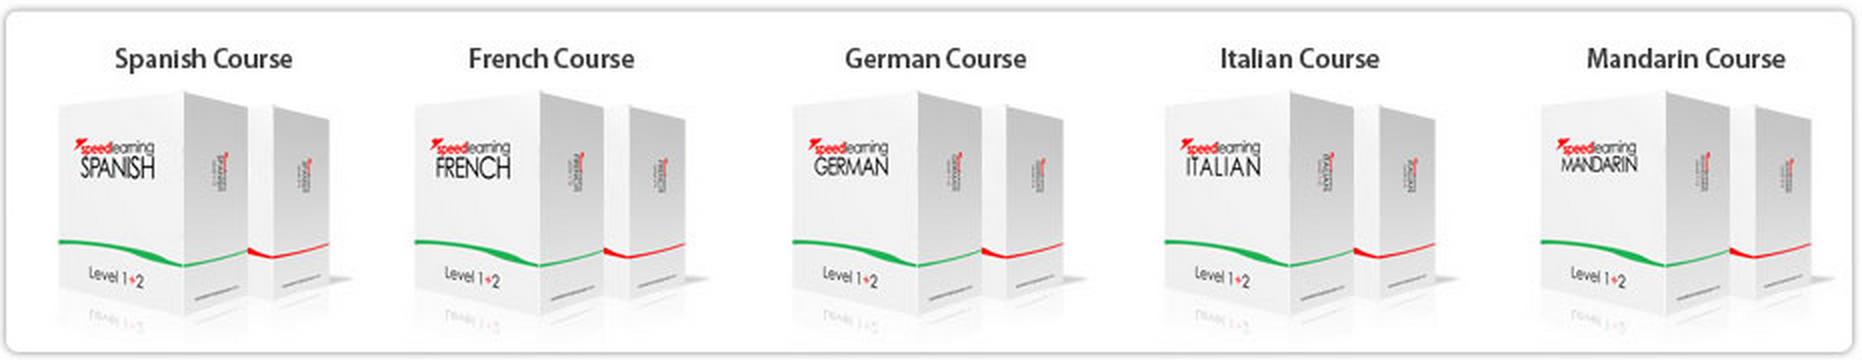 Самый лучший курс изучения иностранных языков в мире (лучше Пимслера).png